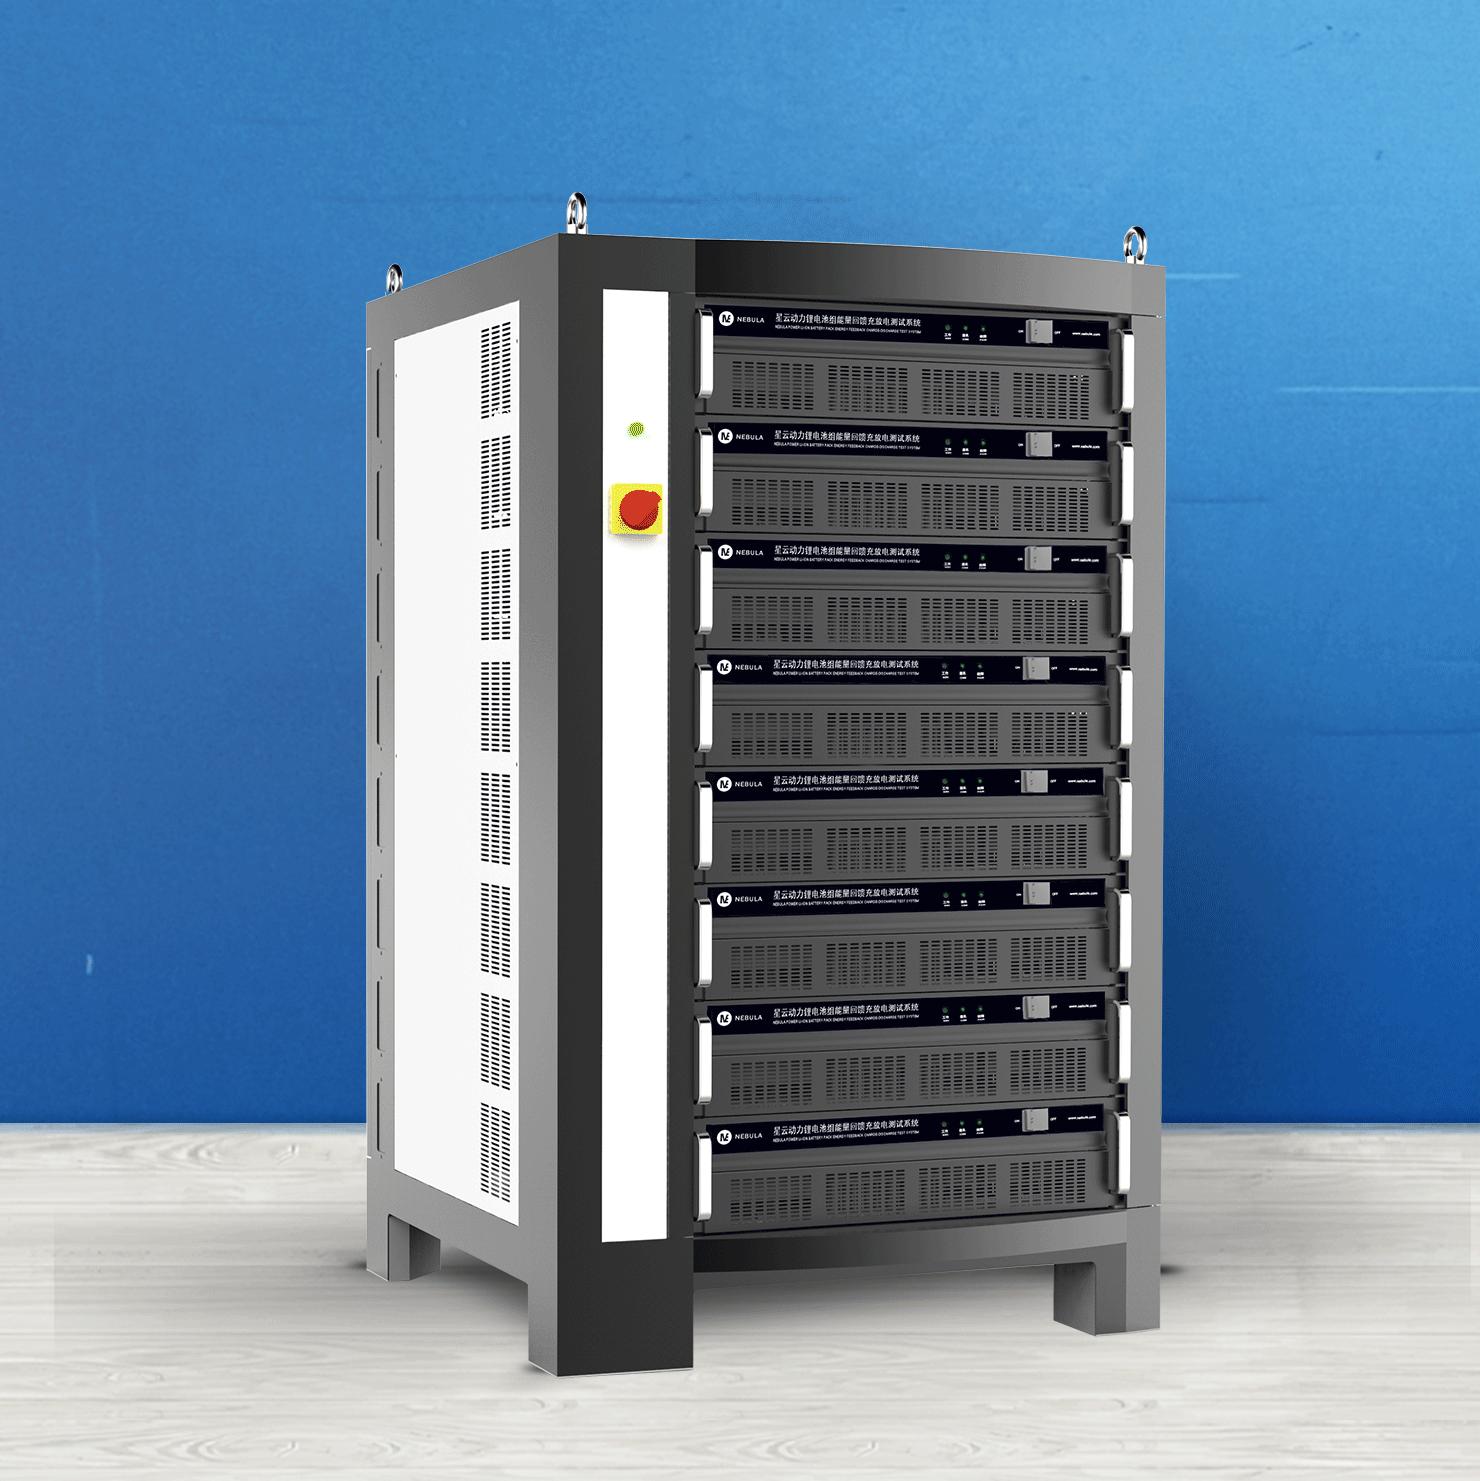 星云能量回馈充放电测试系统 120V125A 系列 Featured Image